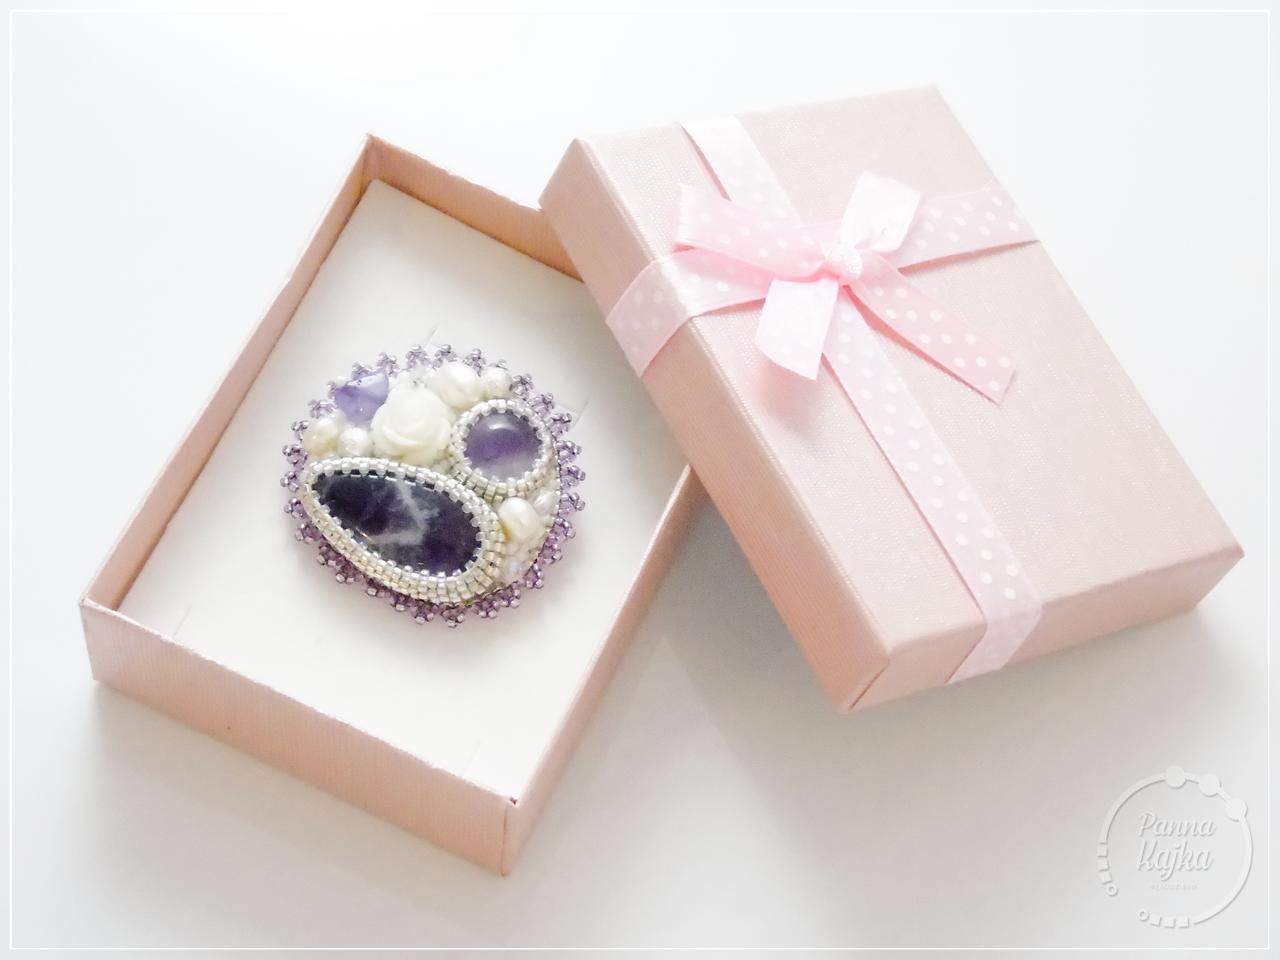 broszka, haft koralikowy, bead embroidery, rękodzieło, handmade, biżuteria, ametyst, perła seashell, perła naturalna, fire polish, toho, miyuki, miyuki delica,